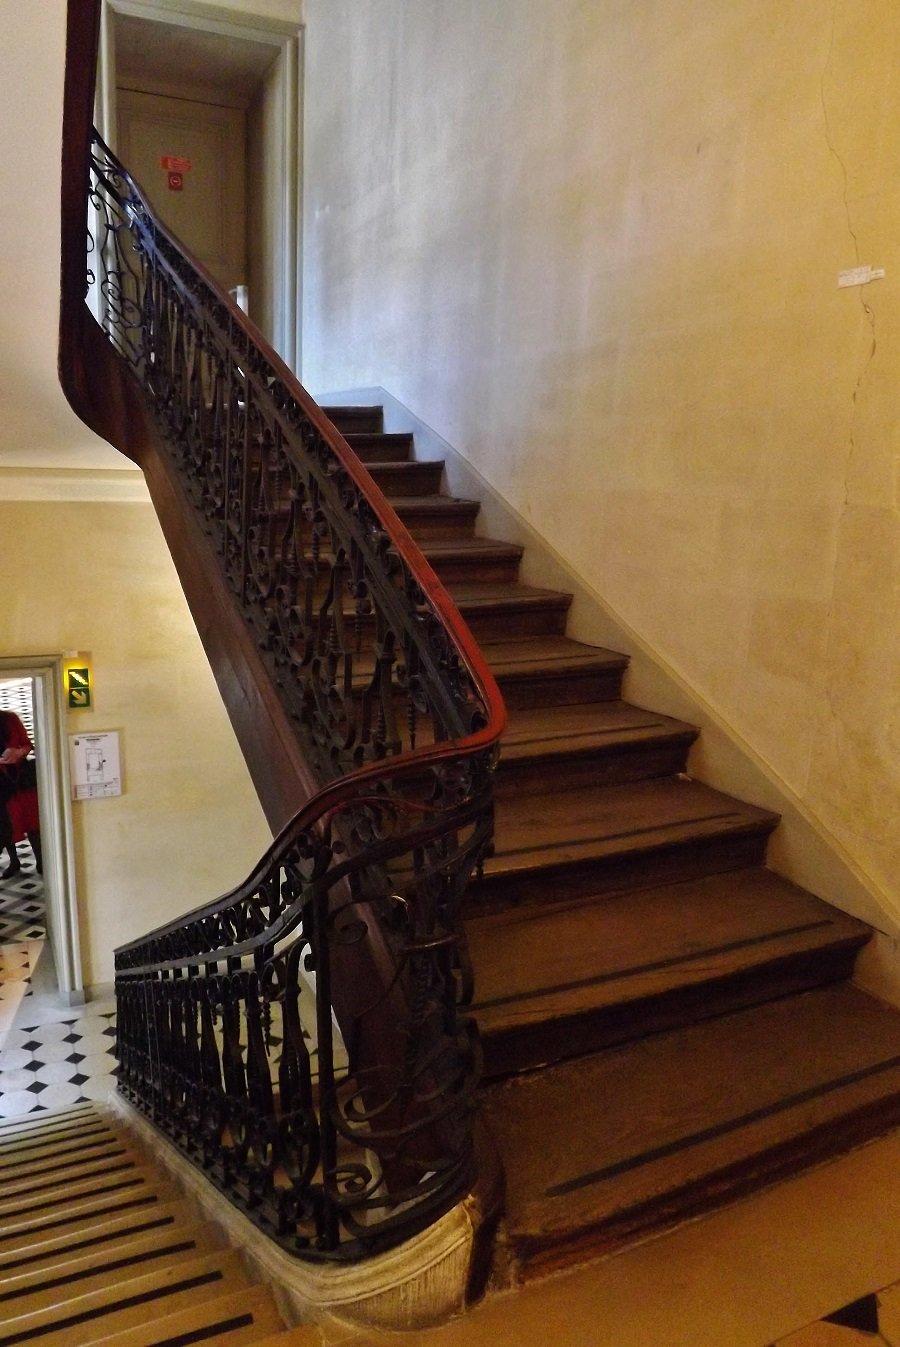 escalier hotel Donon1